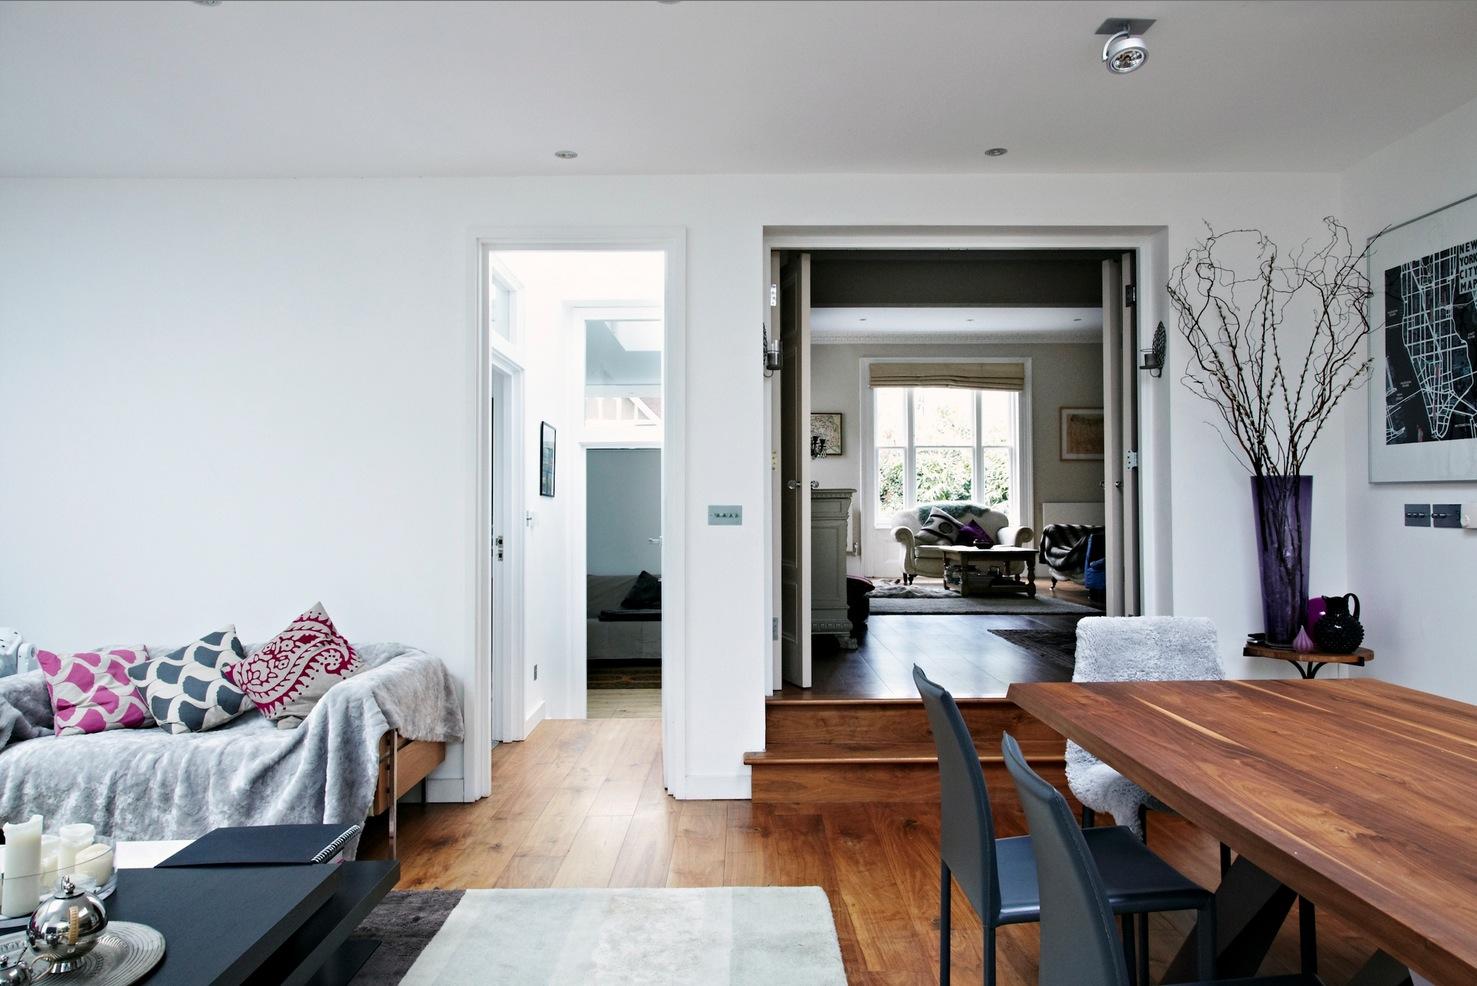 natural light living space interior design ideas. Black Bedroom Furniture Sets. Home Design Ideas